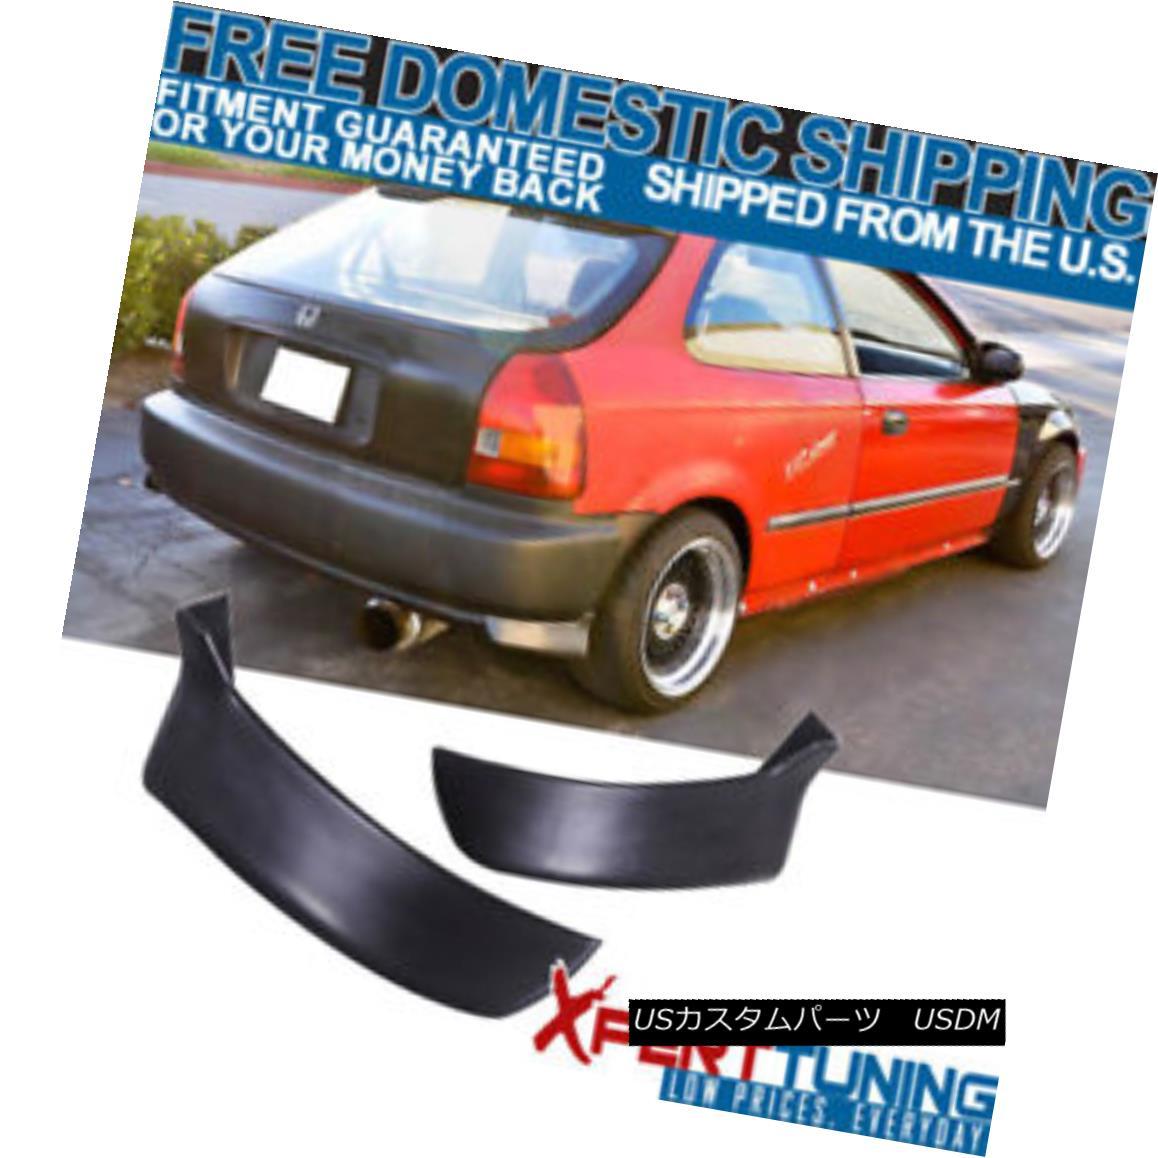 エアロパーツ Fits Honda Civic 96-00 3Dr Hatchback PU 2Pc Rear Bumper Lip Valance Spats フィットホンダシビック96-00 3DrハッチバックPU 2Pcリアバンパーリップバランススパッツ